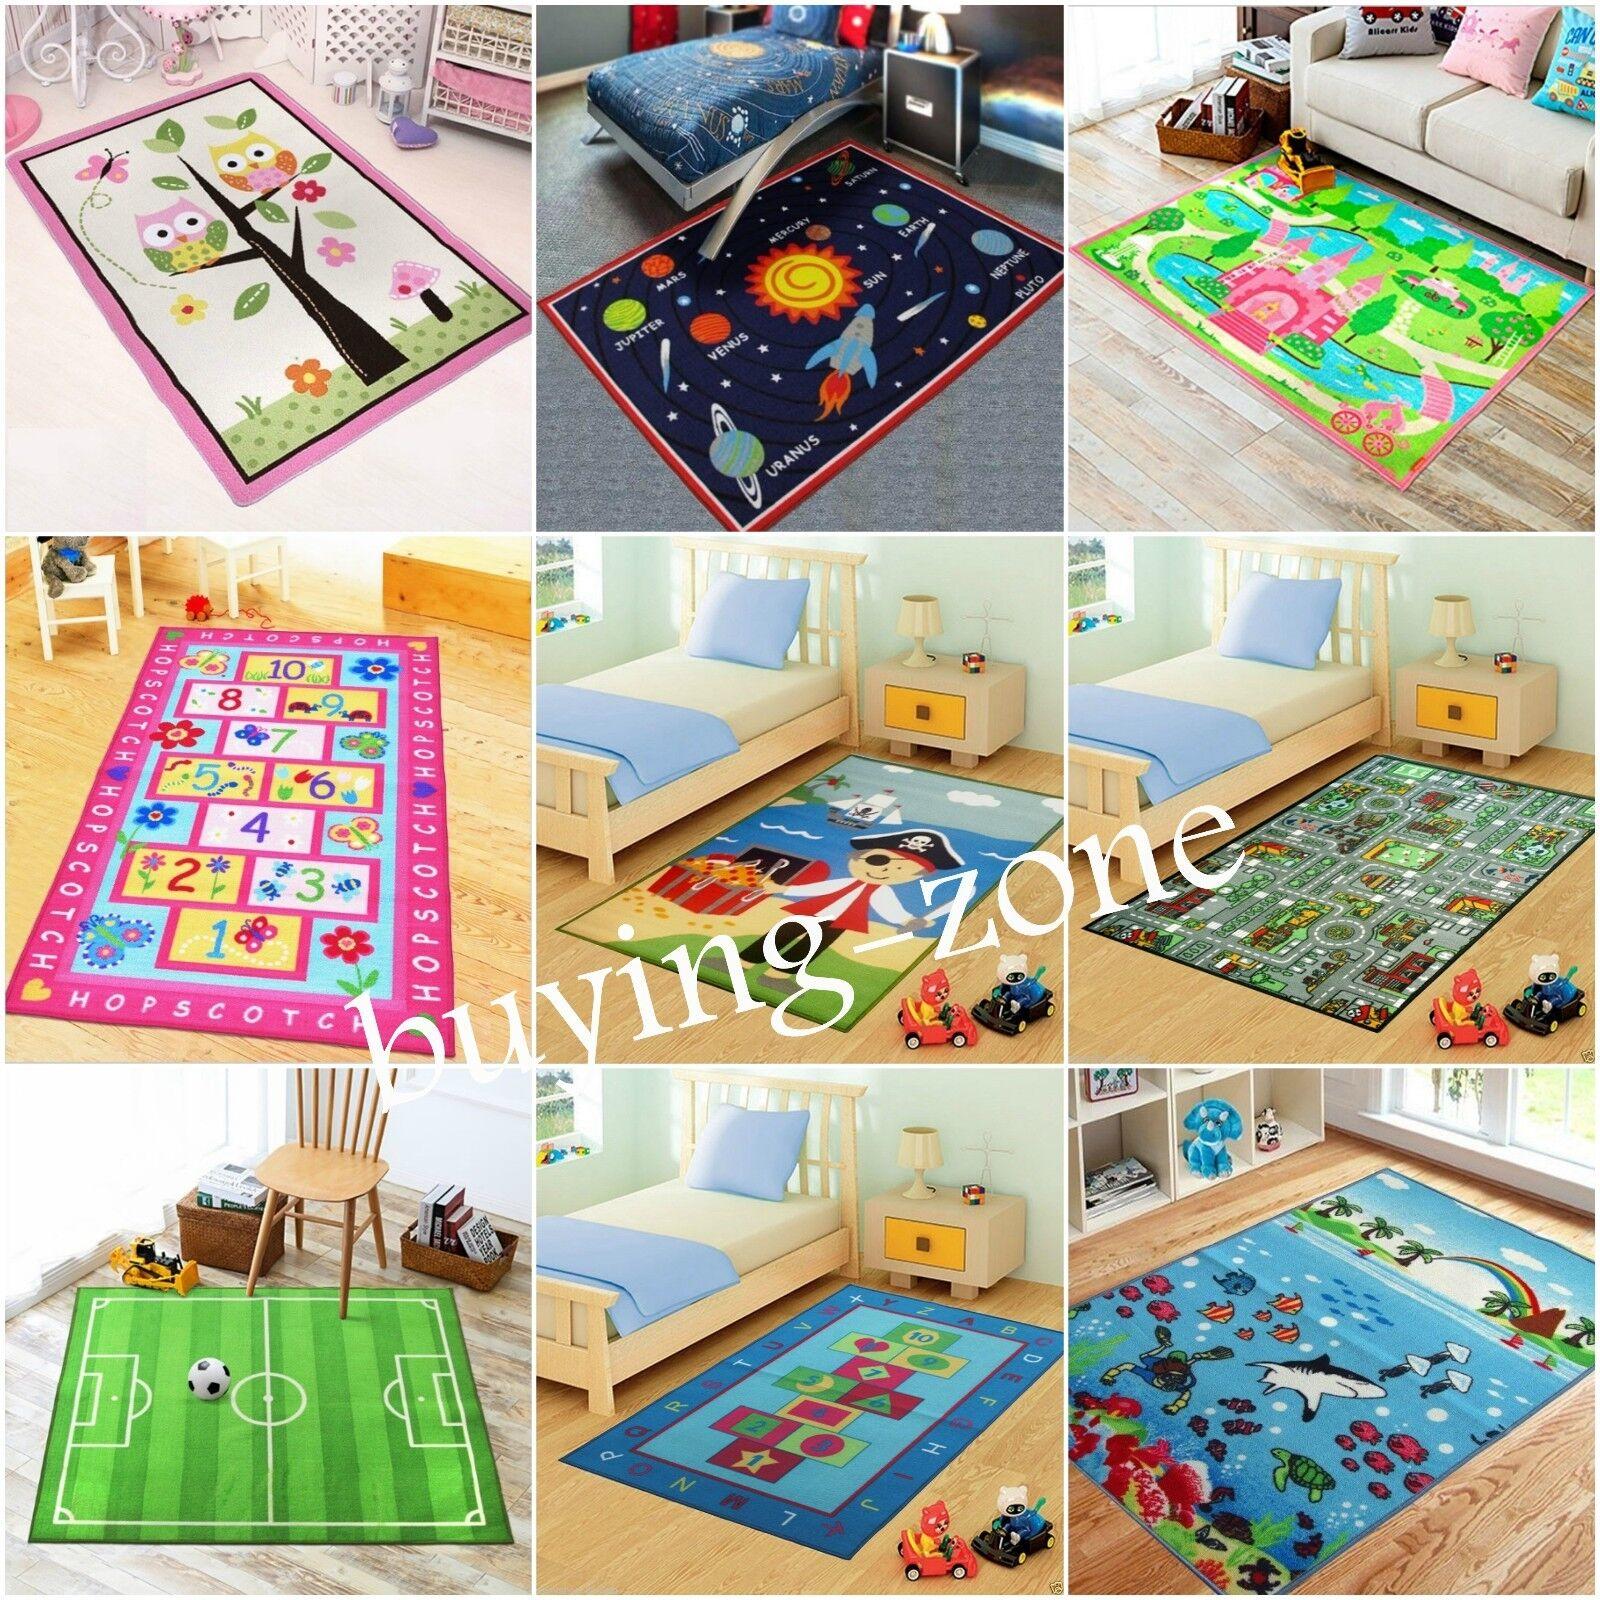 Details About Kids Rugs Bedroom Girls Boys Floor Living Room Soft Carpets Designer Nursery Mat